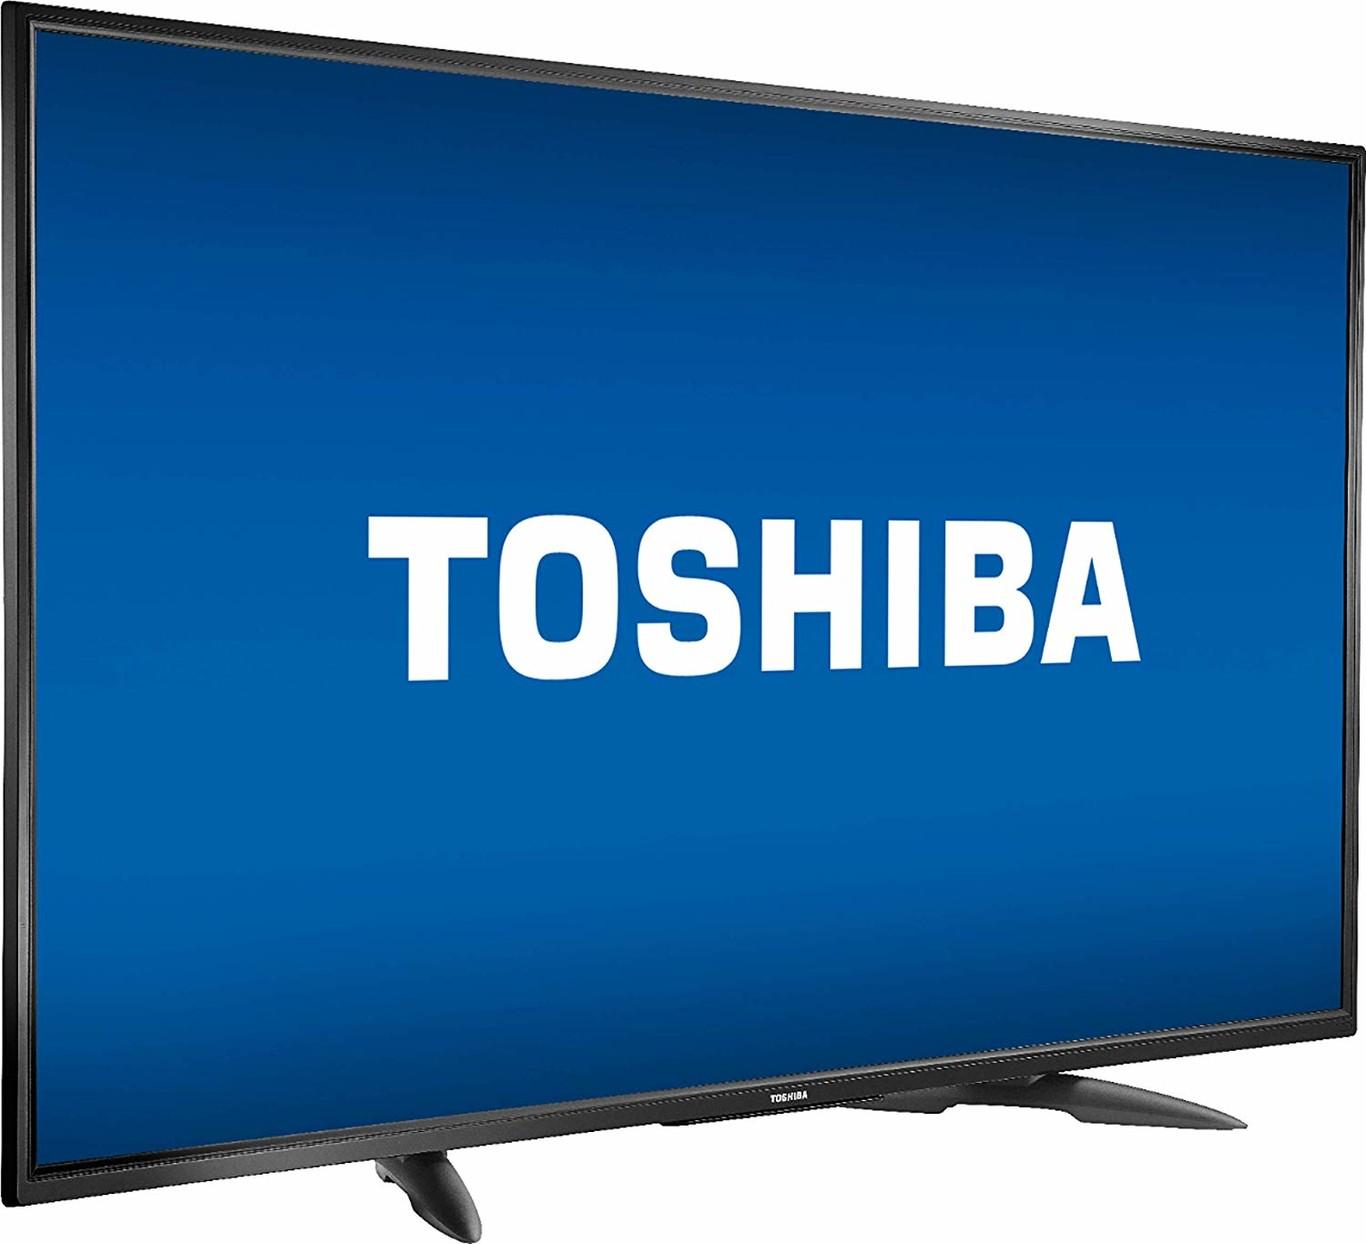 Precios asequibles posibilitados por el fabricante Toshiba